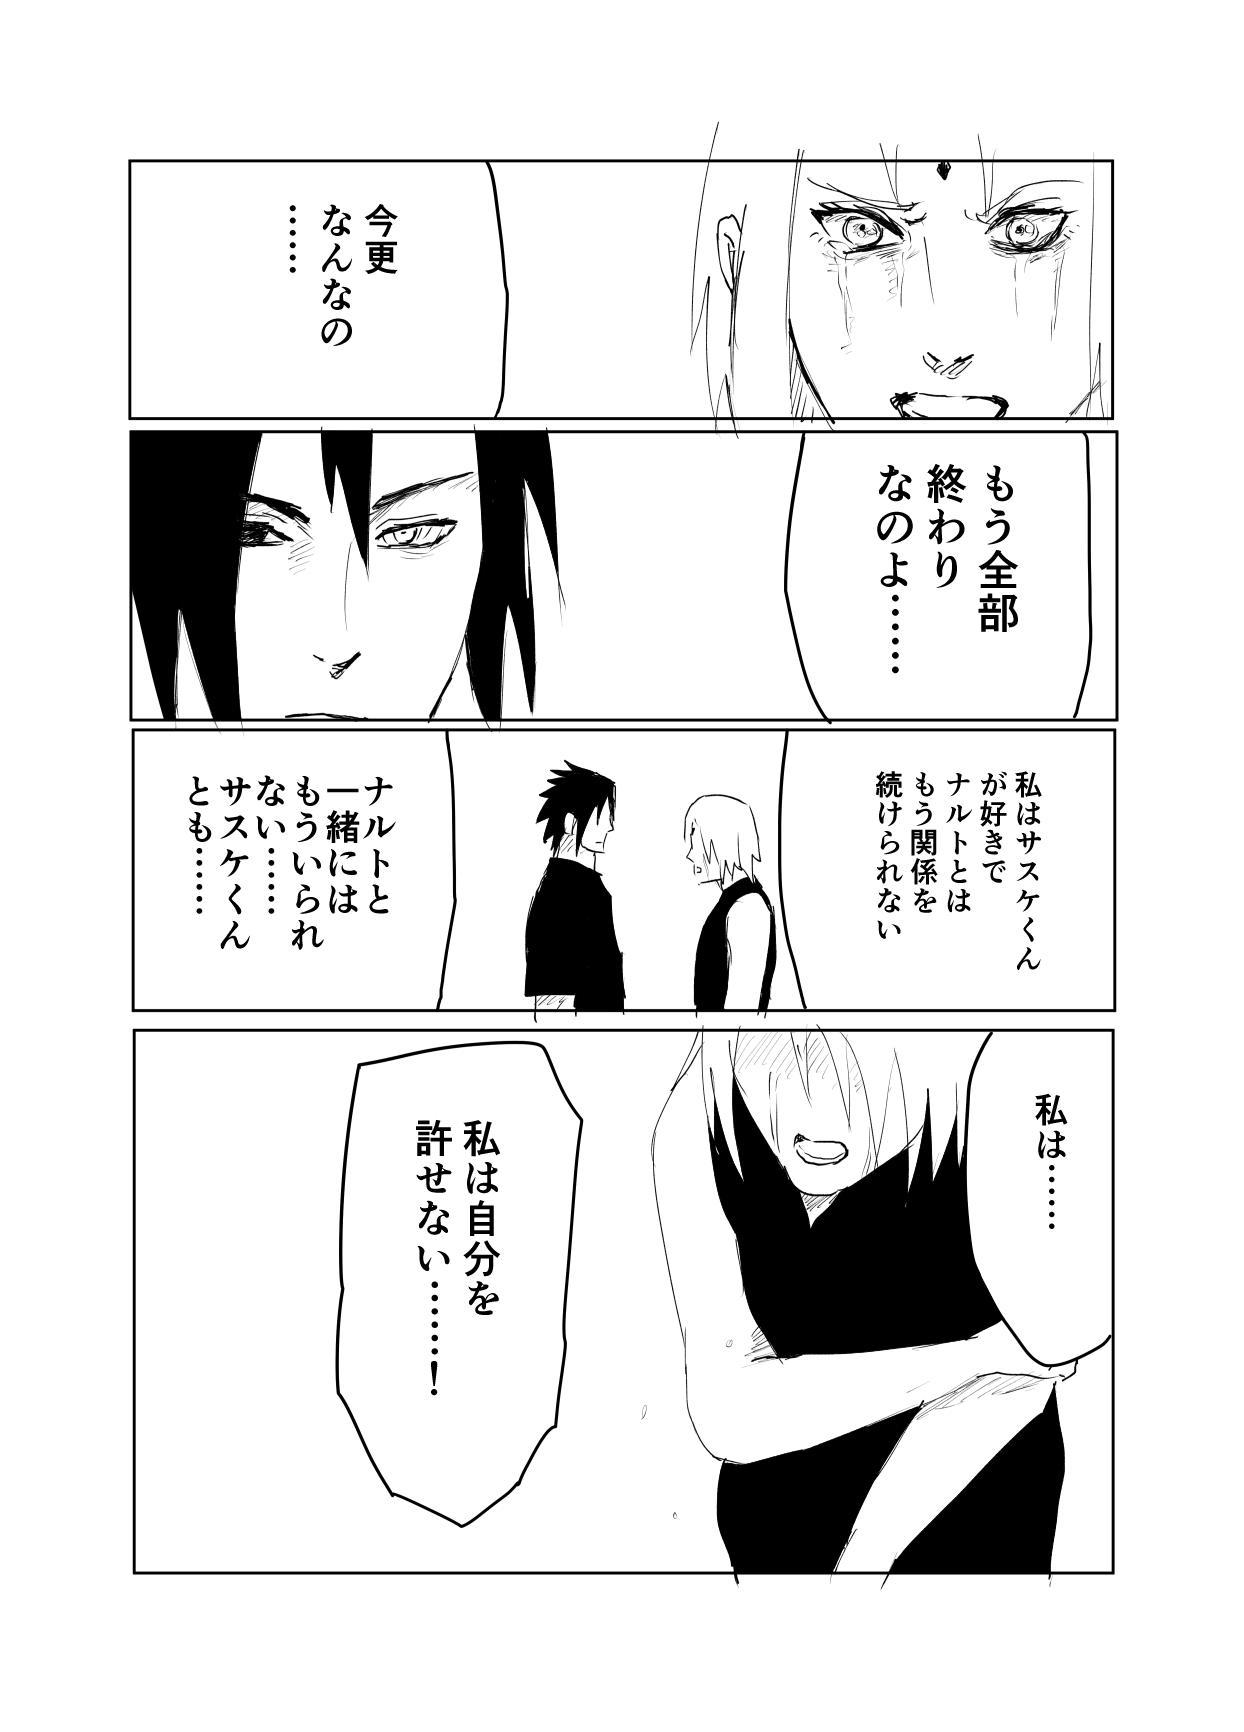 嘘告白漫画 49